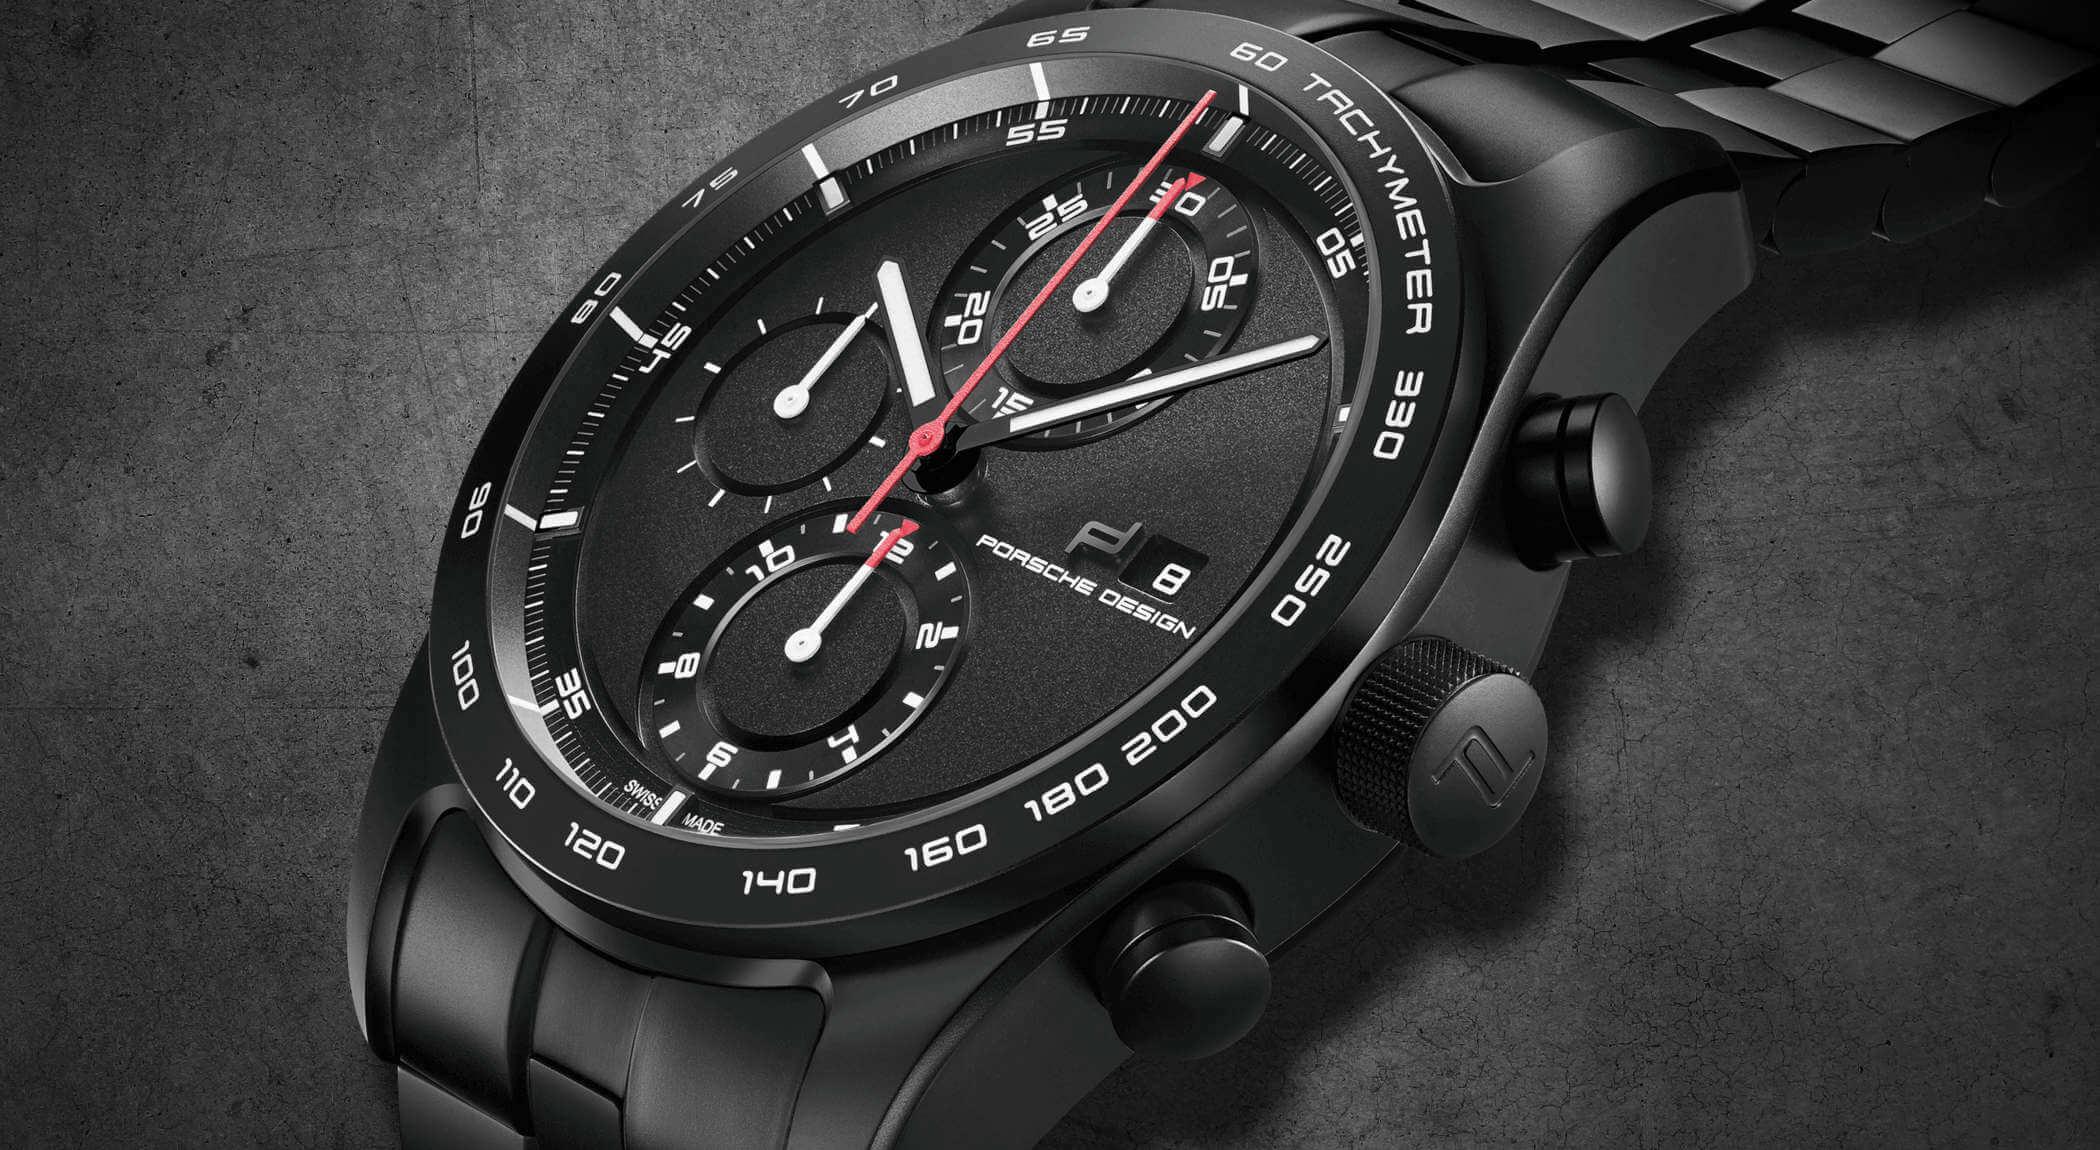 Porsche Design Chronotimer Series 1 Matte Black Detailansicht Gehäuse und Zifferblatt